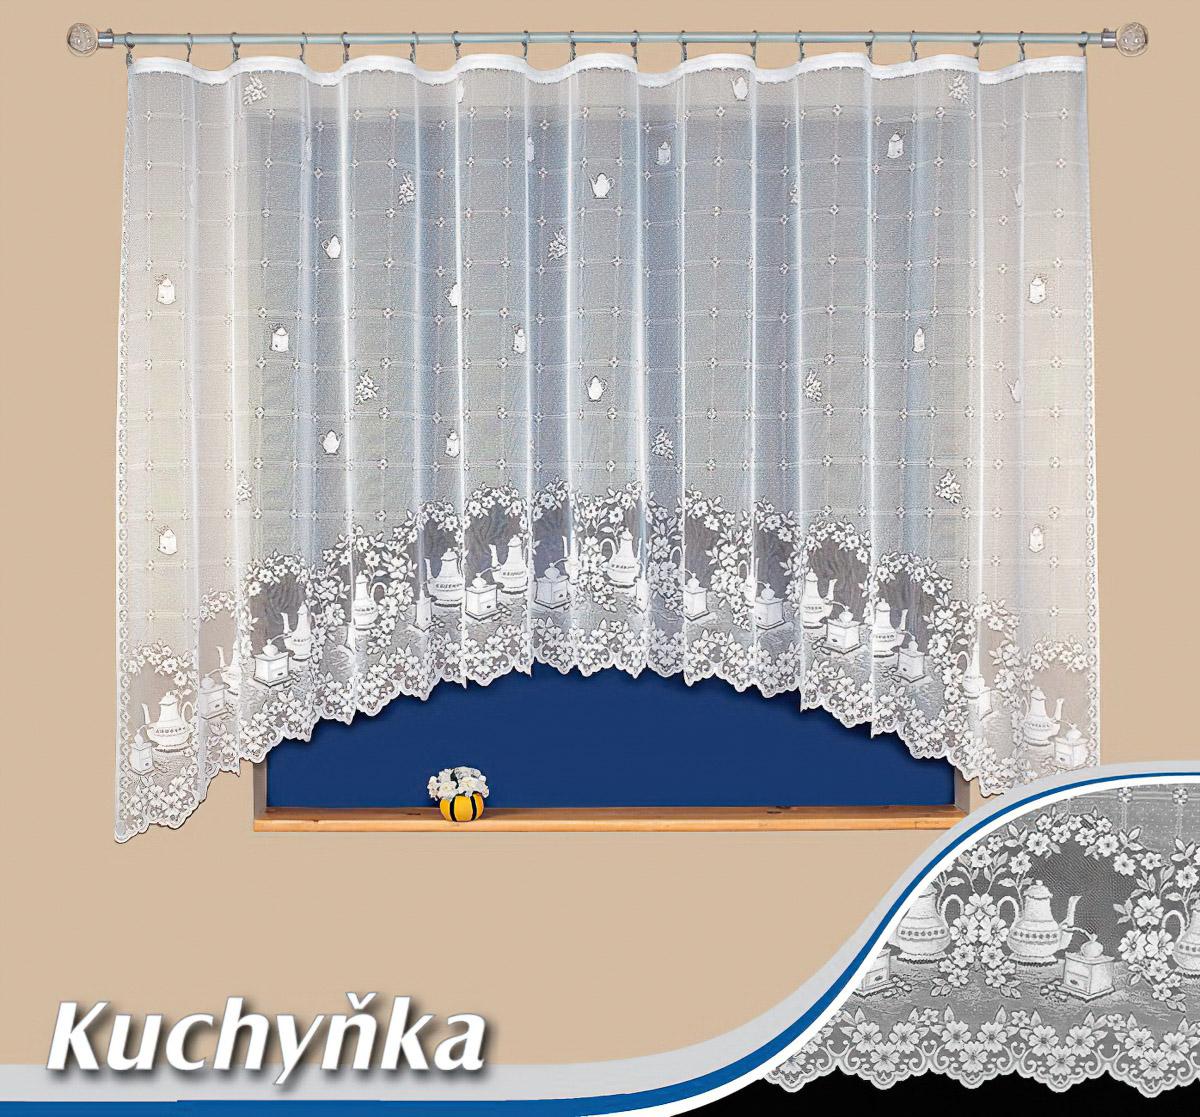 Tylex kusová záclona KUCHYŇKA jednobarevná bílá, výška 160 cm x šířka 310 cm (na okno)